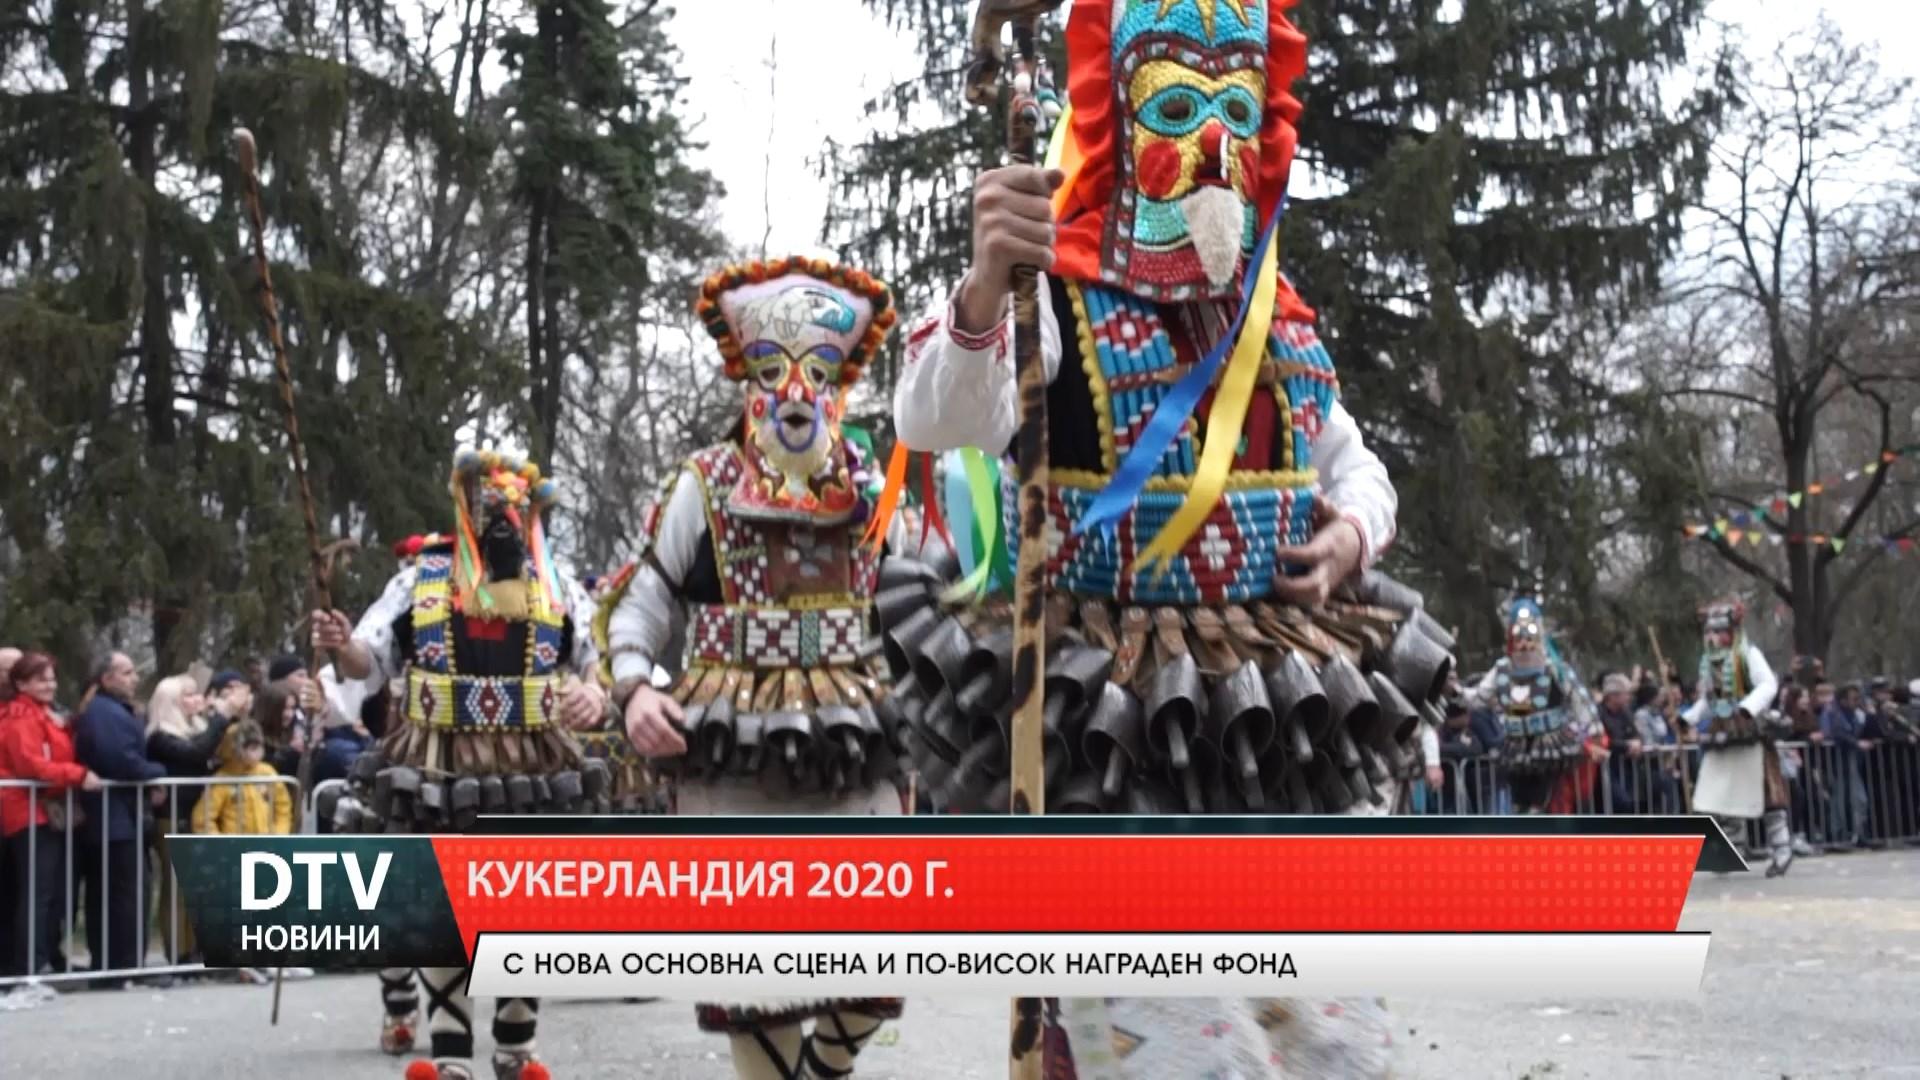 """""""Кукерландия 2020"""" -с нова сцена и по-висок награден фонд"""